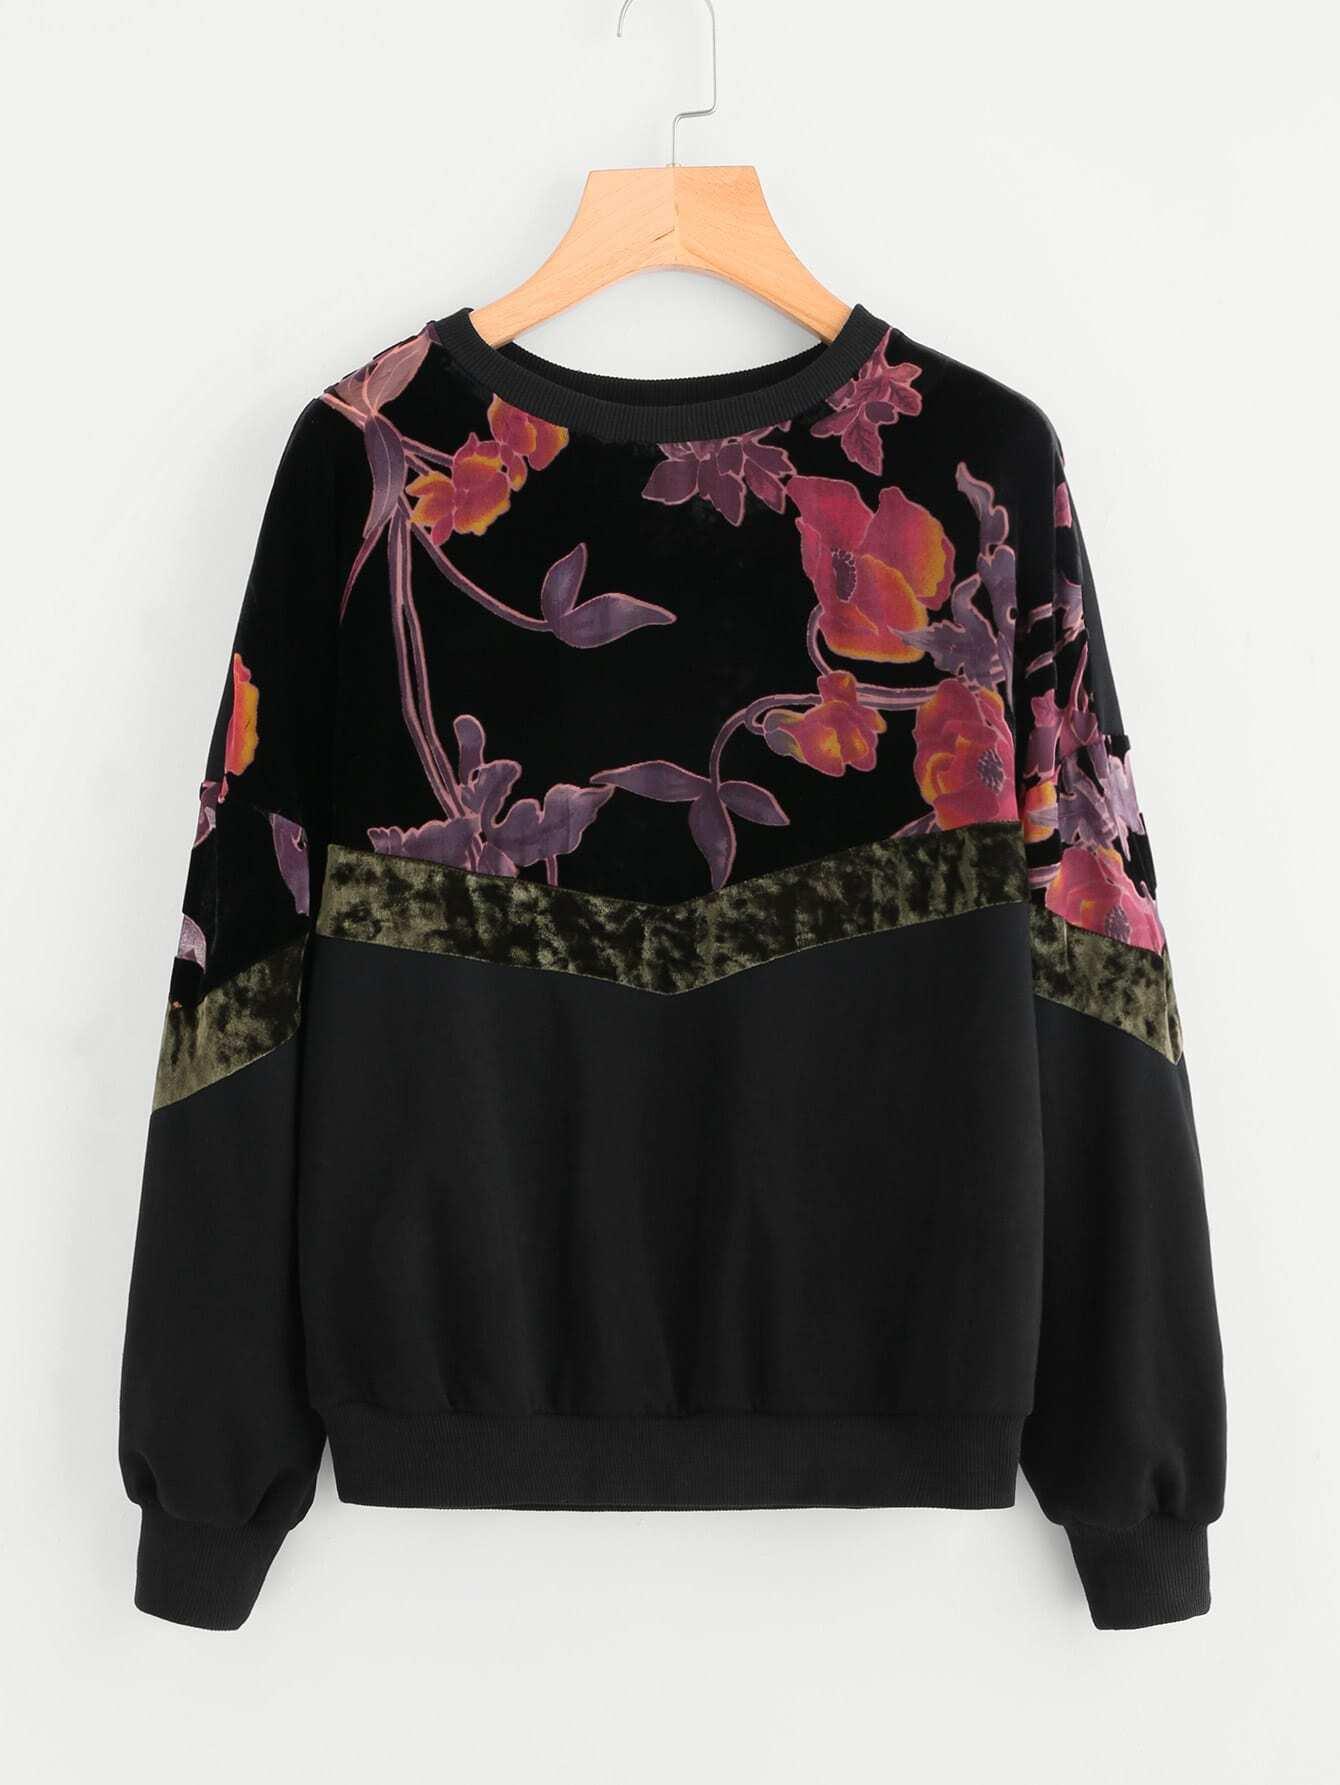 Купить Контрастный модный свитшот с цветочным принтом, null, SheIn